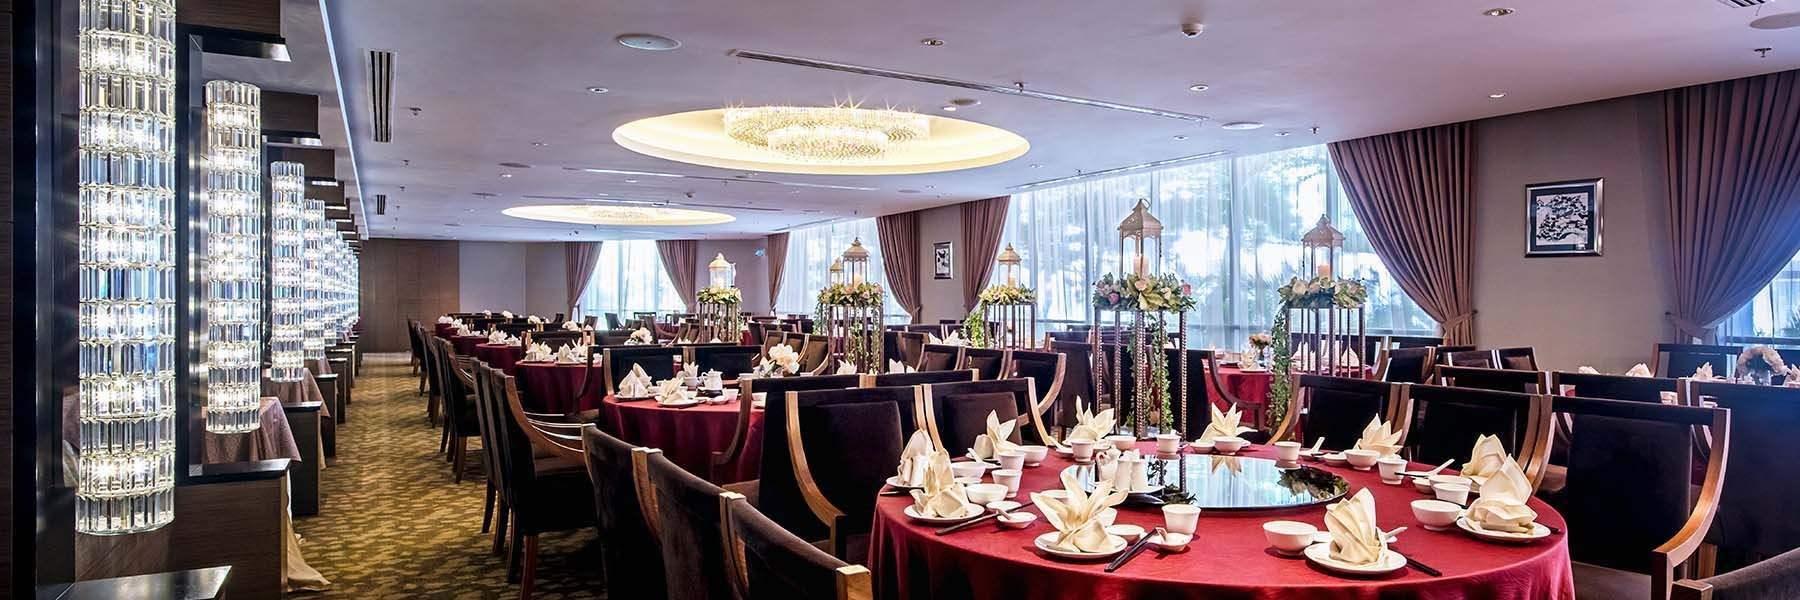 wan-li-wedding